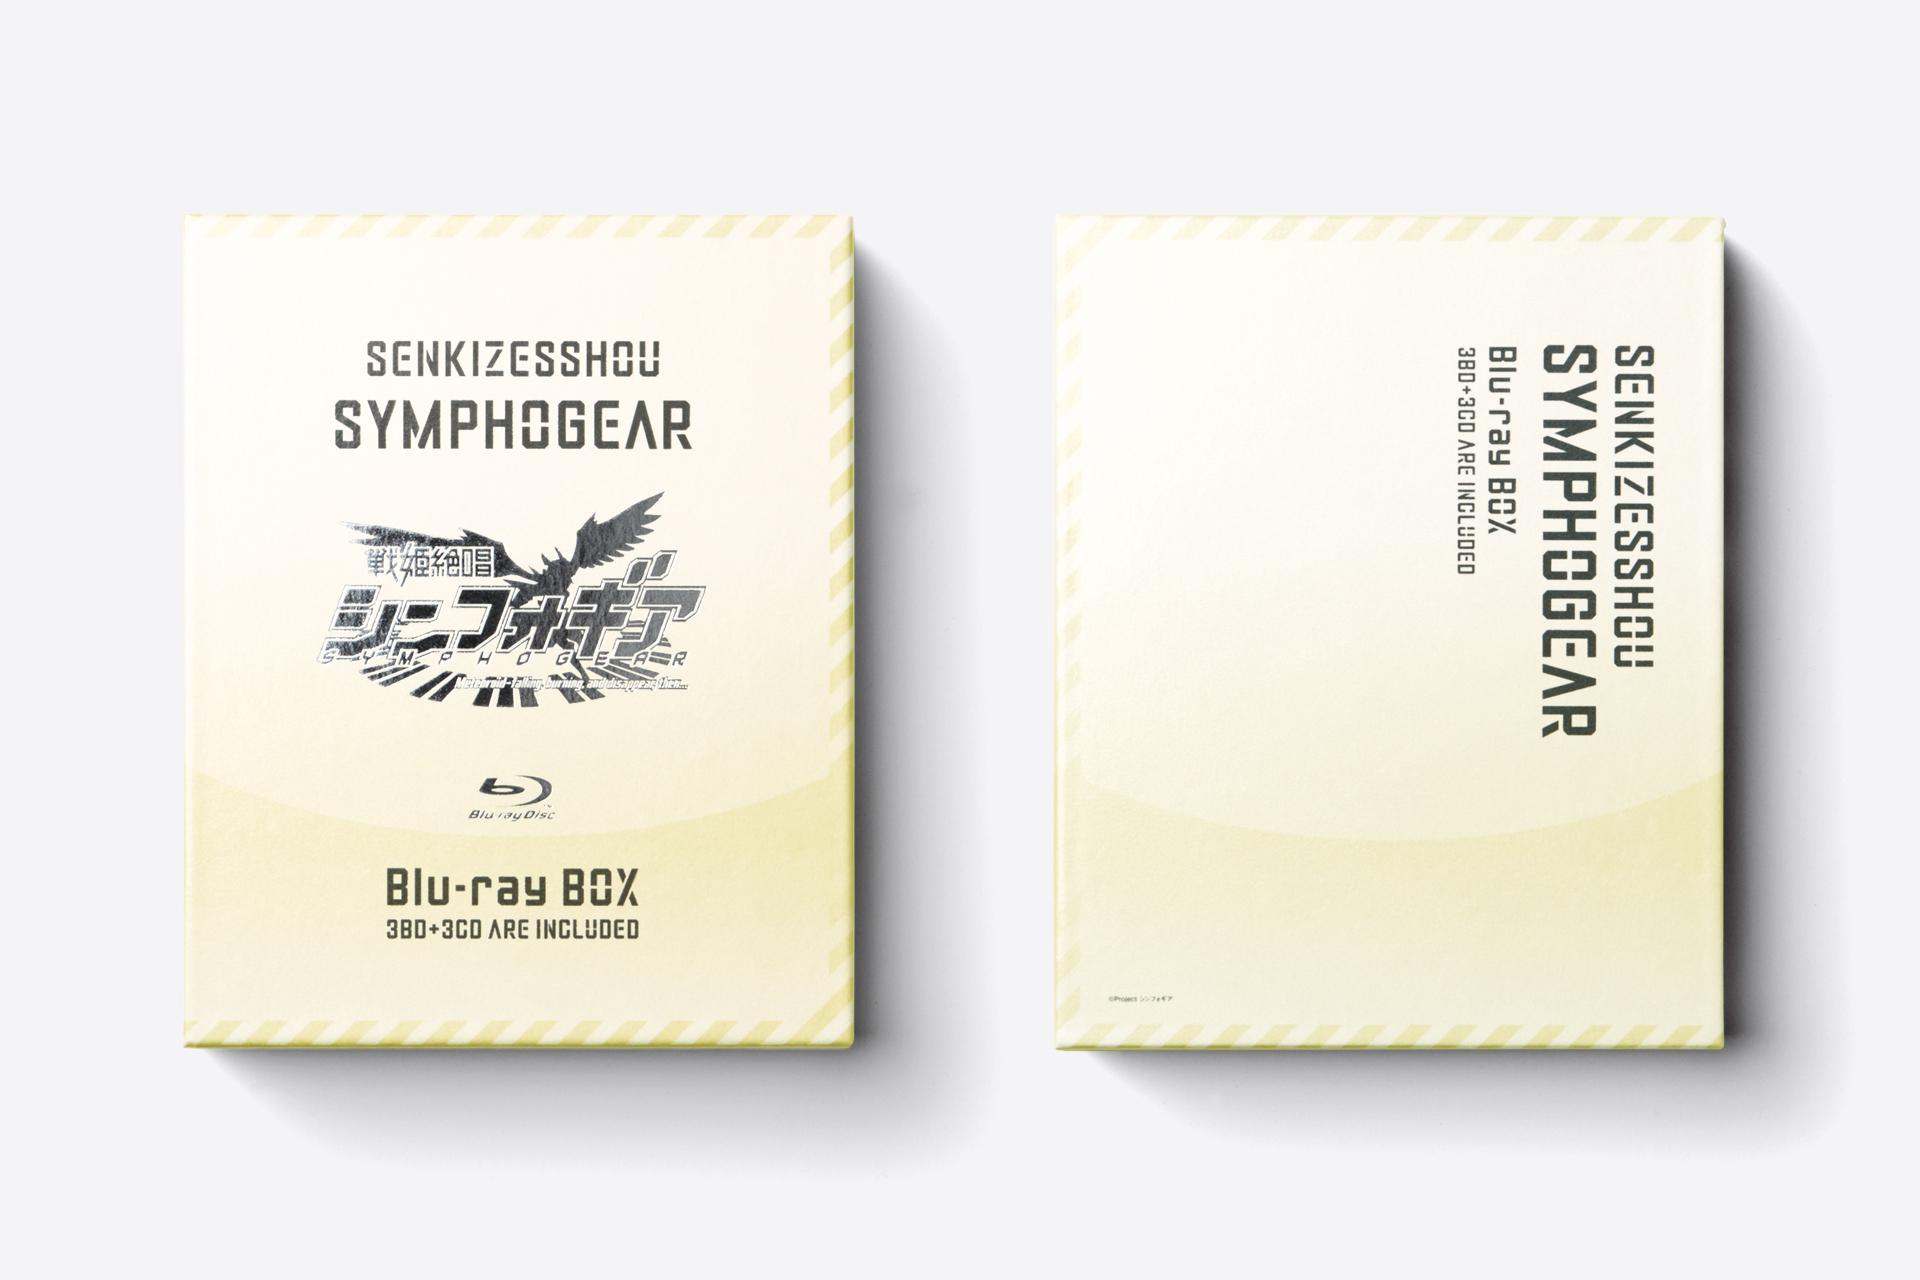 戦姫絶唱シンフォギア / Blu-ray BOX